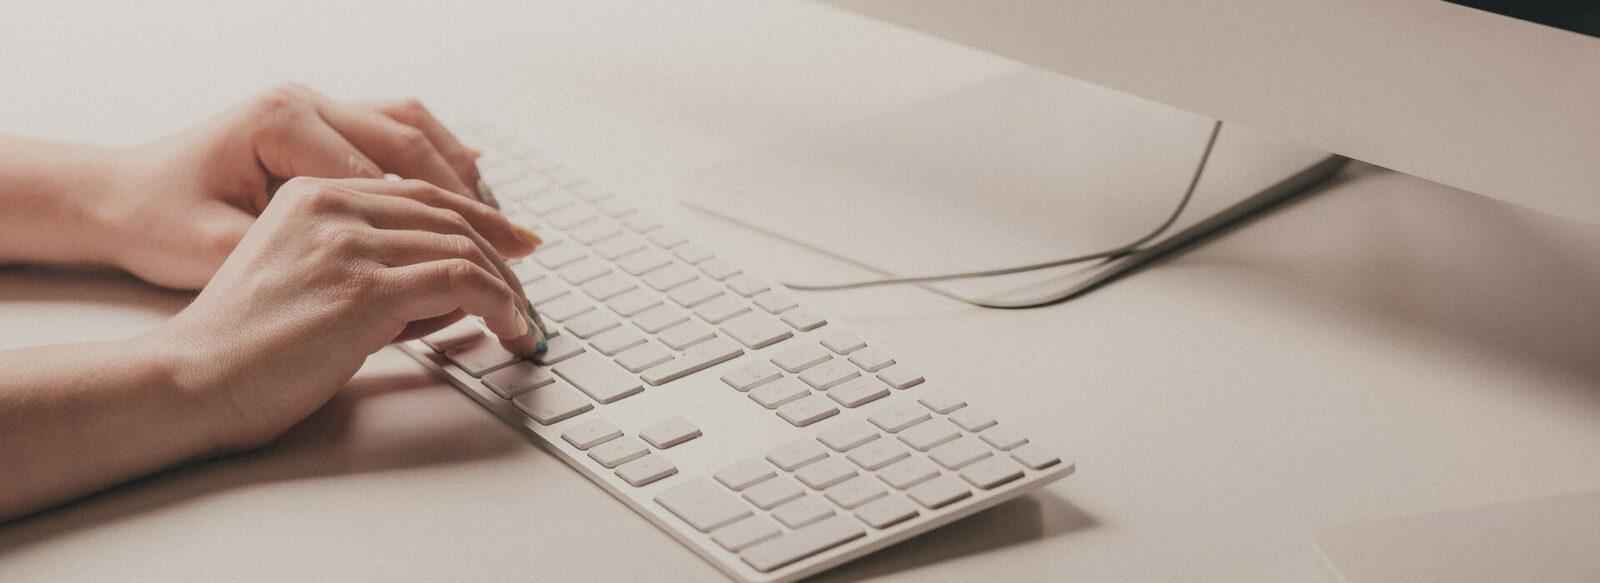 Netsim Muhasebe Yazılımı İle Doğru Kararlar Alın...